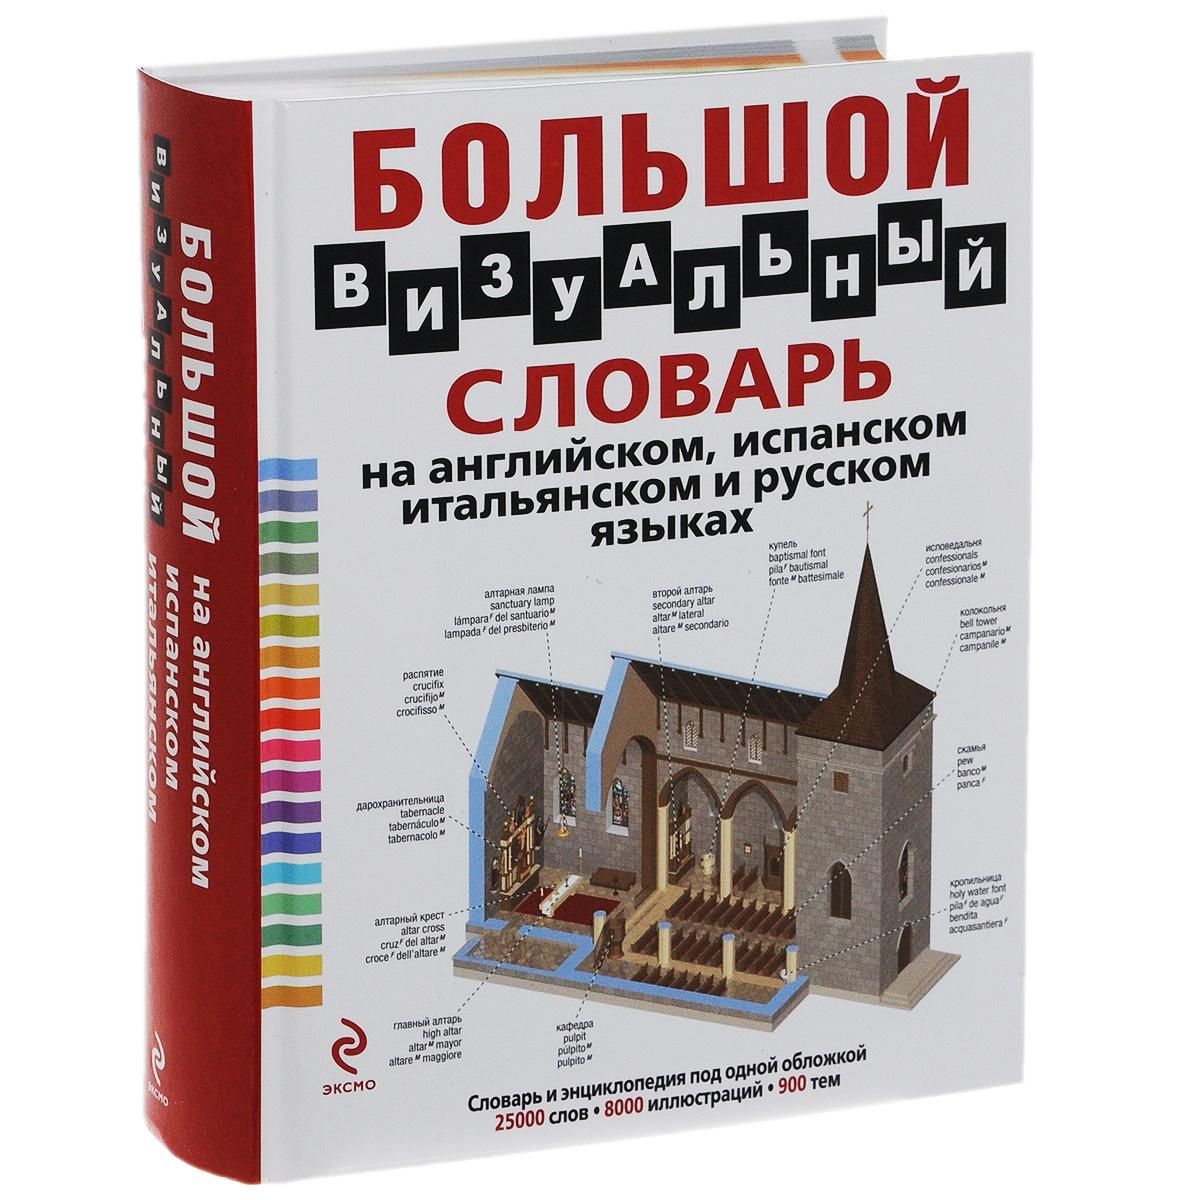 Большой визуальный словарь на английском, испанском, итальянском и русском языках.